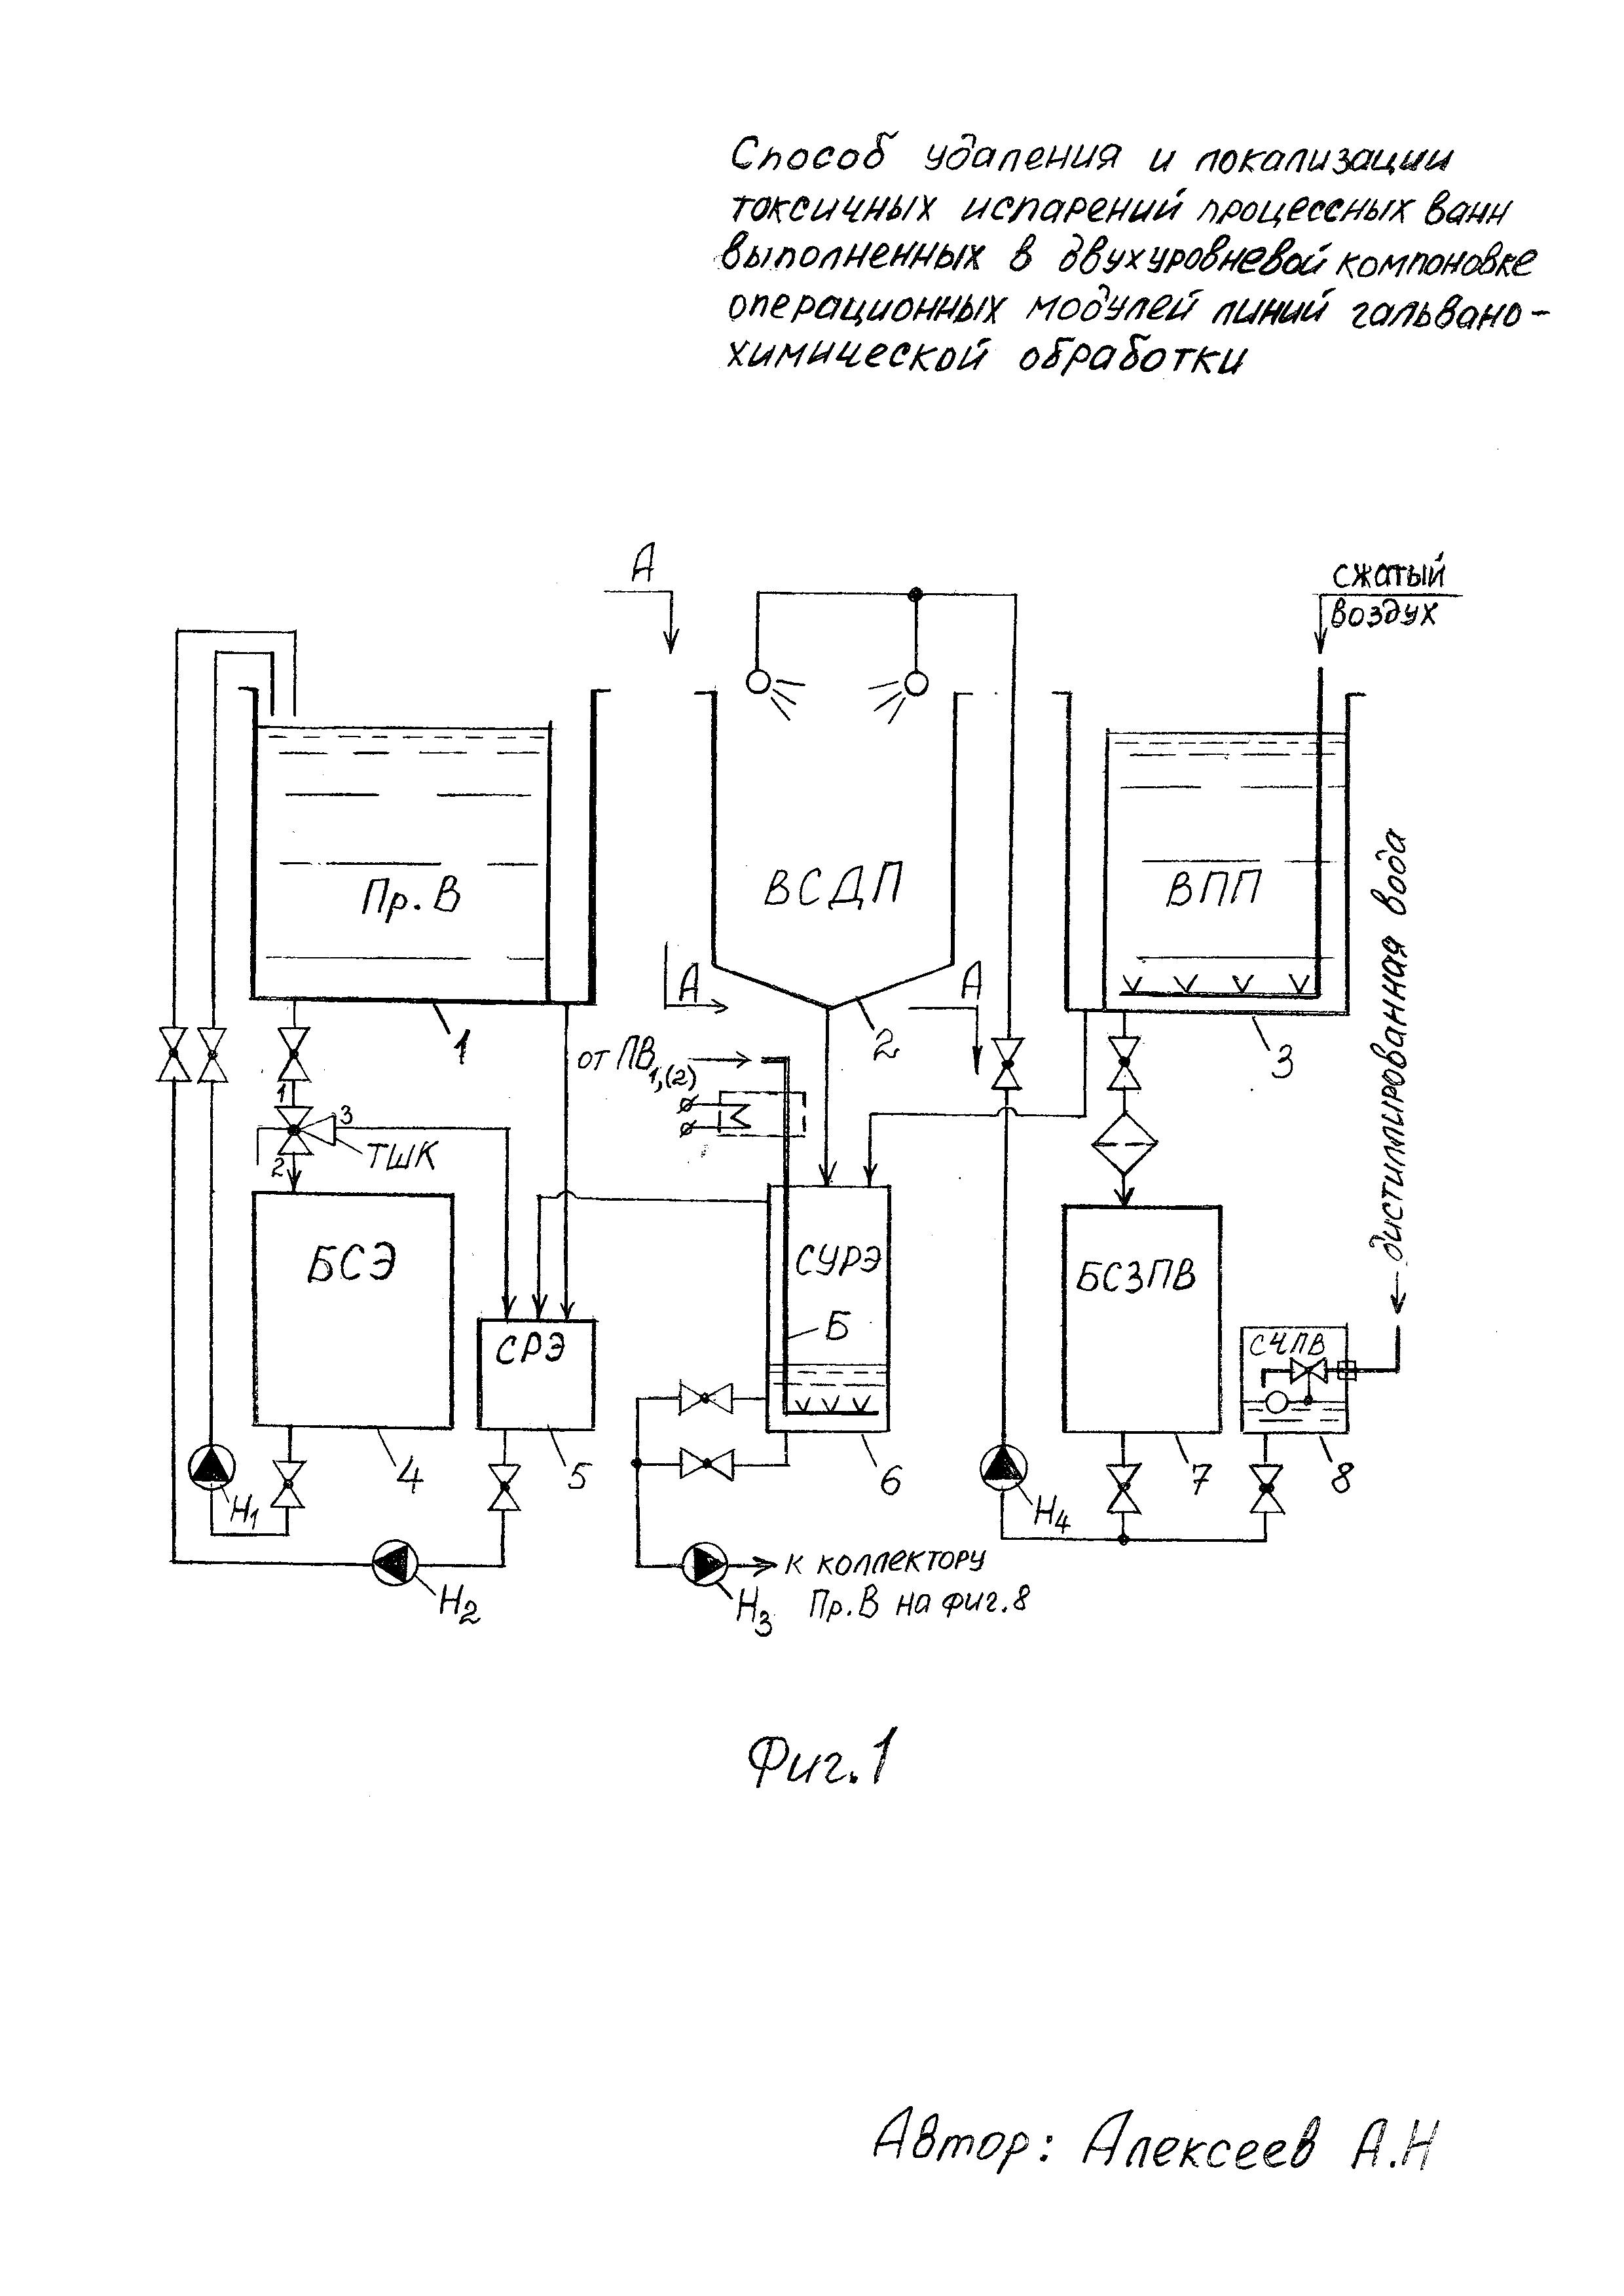 Способ удаления и локализации токсичных испарений процессных ванн выполненных в двухуровневой компоновке операционных модулей линий гальванохимической обработки